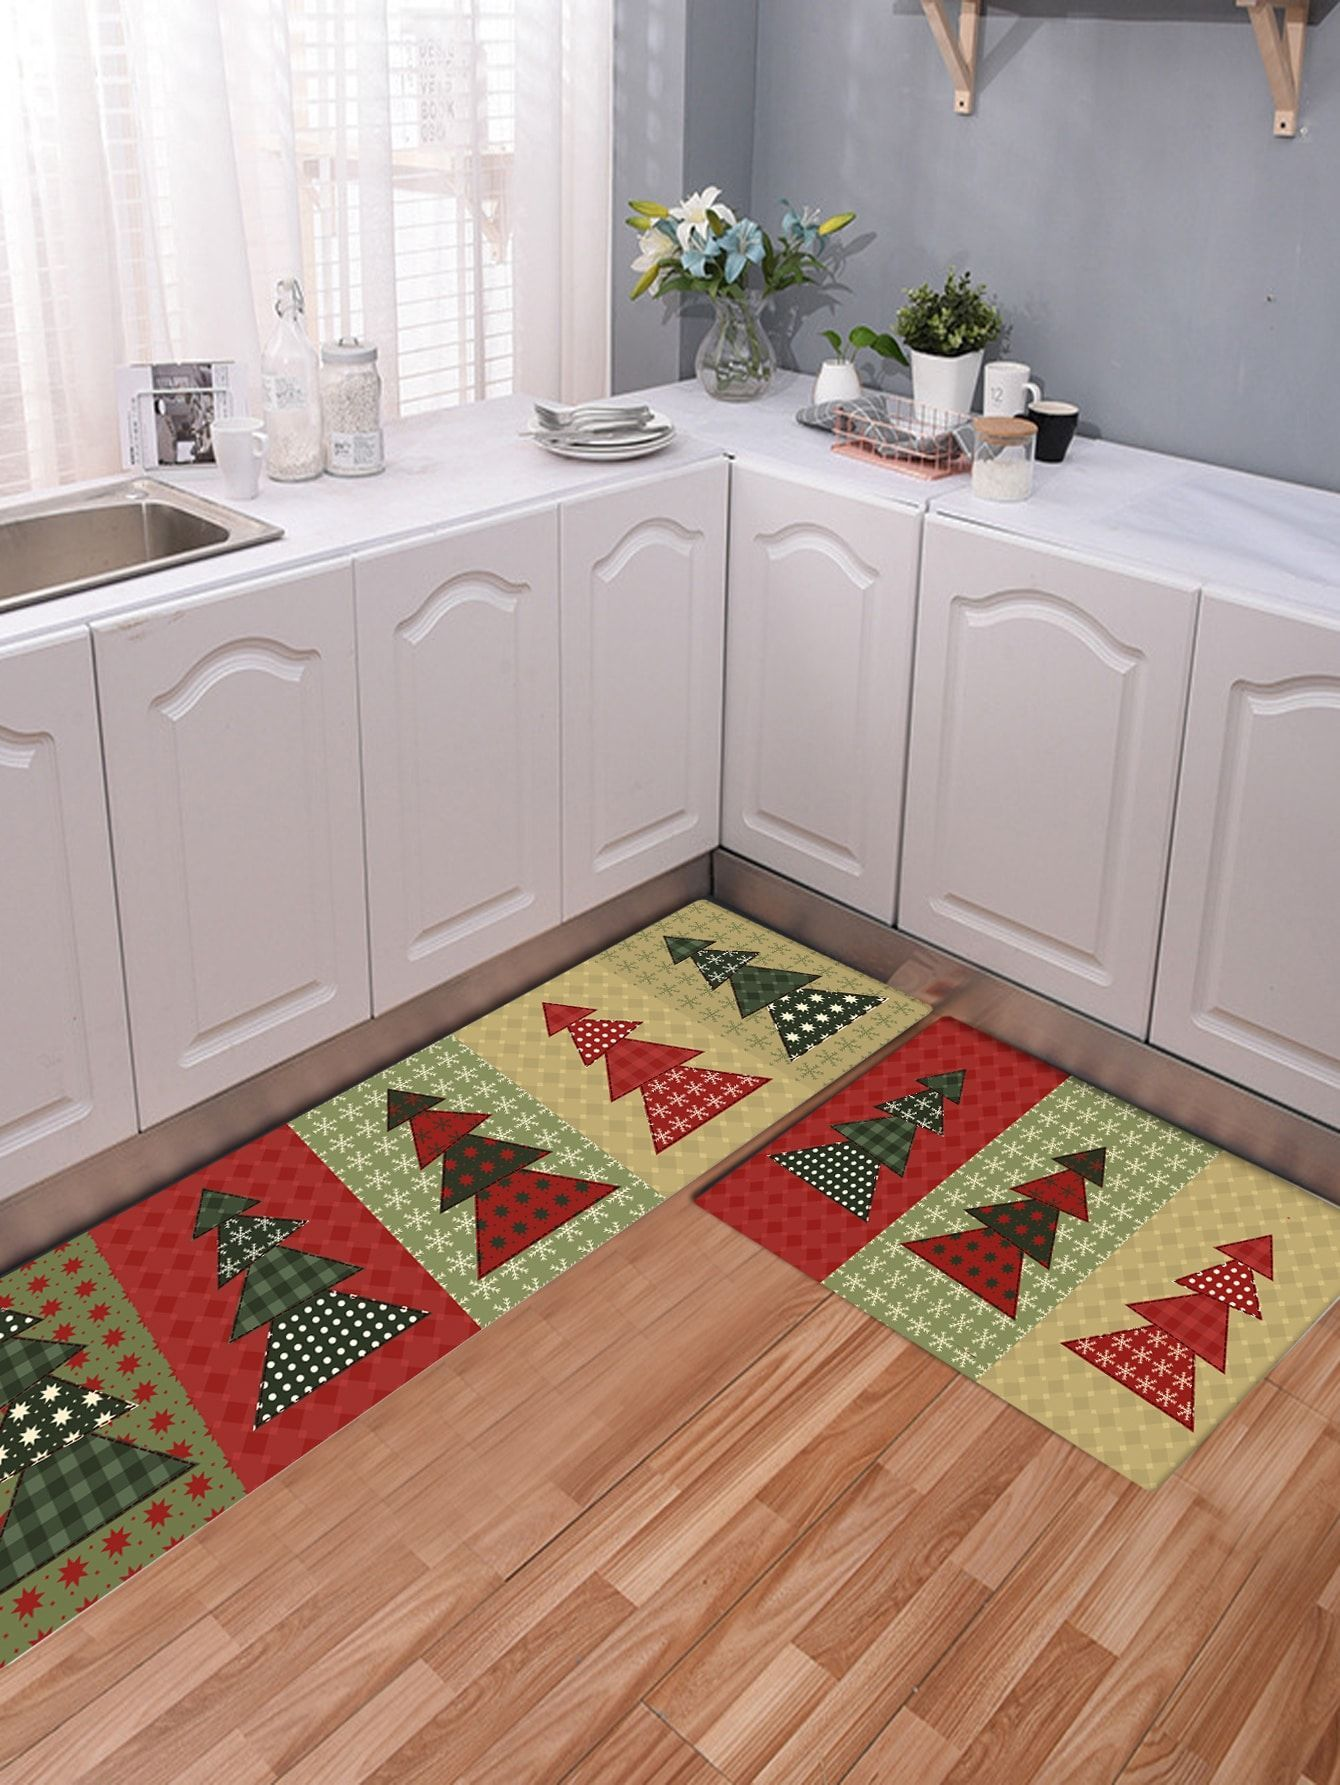 Kitchen Floor Mats Comfort And Ergonomic Type Of Mats In 2020